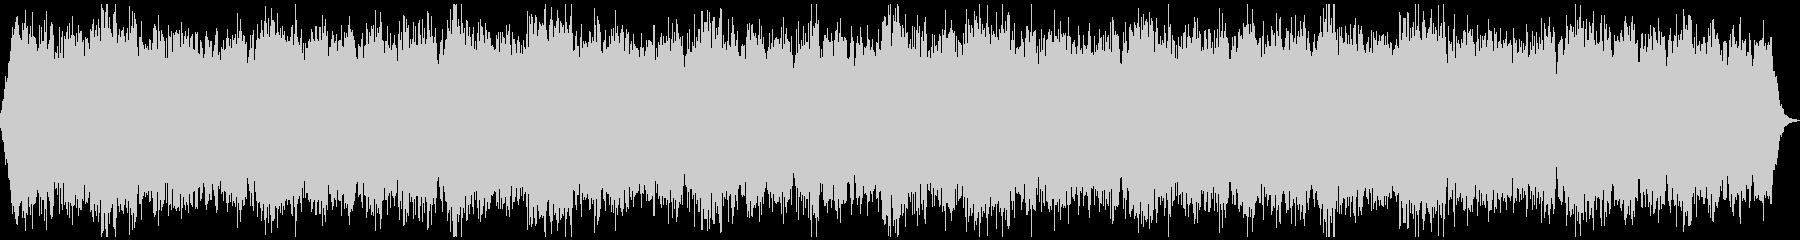 自然音 心を浄化する Short Verの未再生の波形